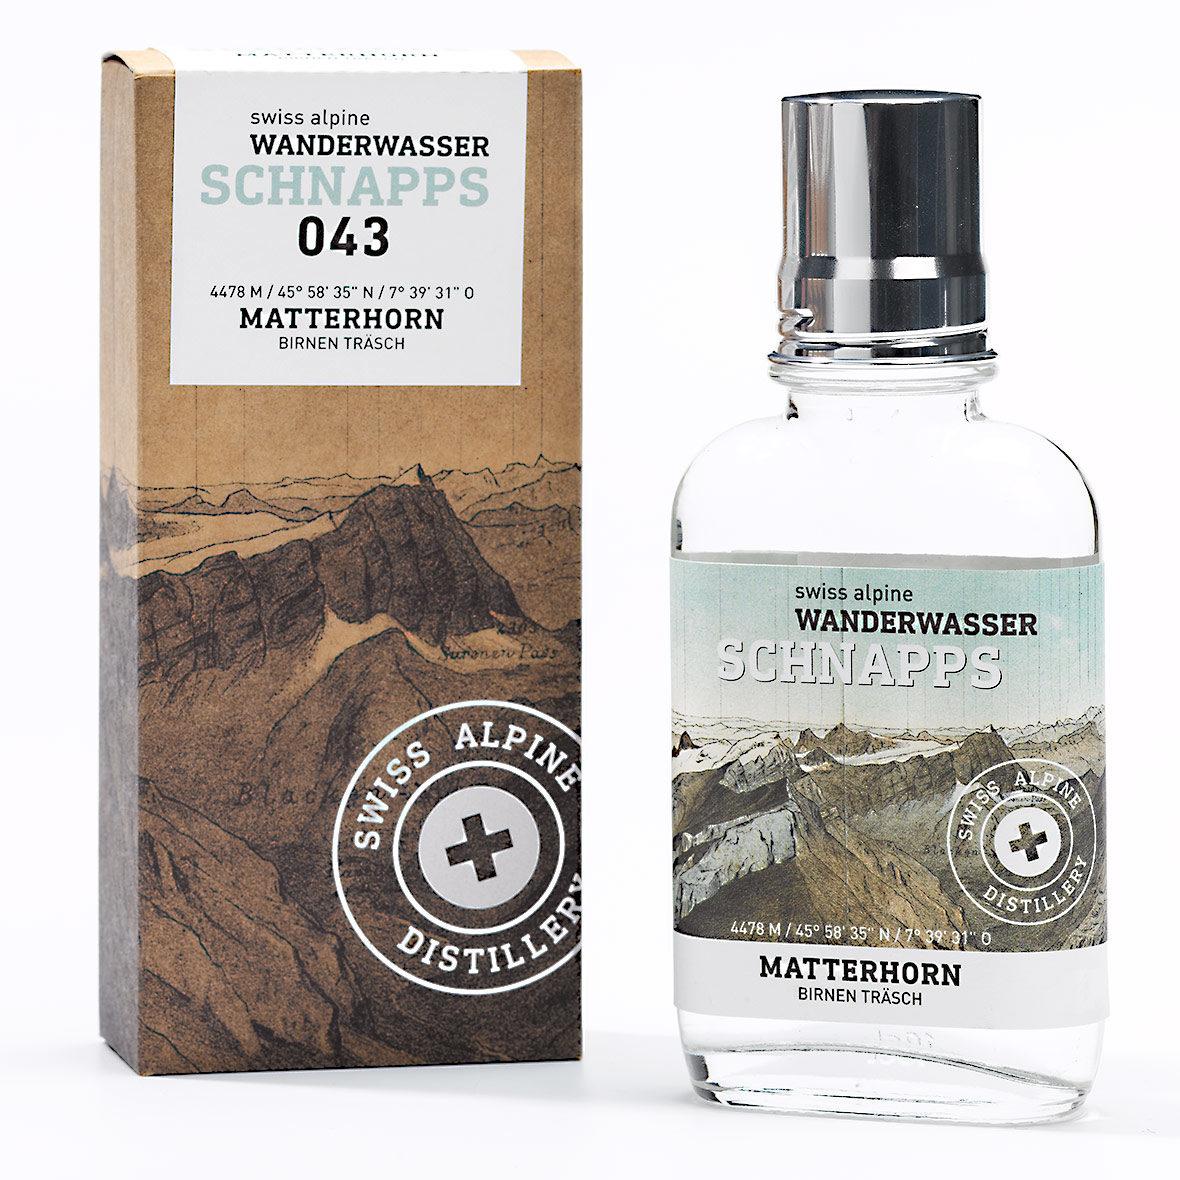 Wanderwasser Birnen Träsch Matterhorn